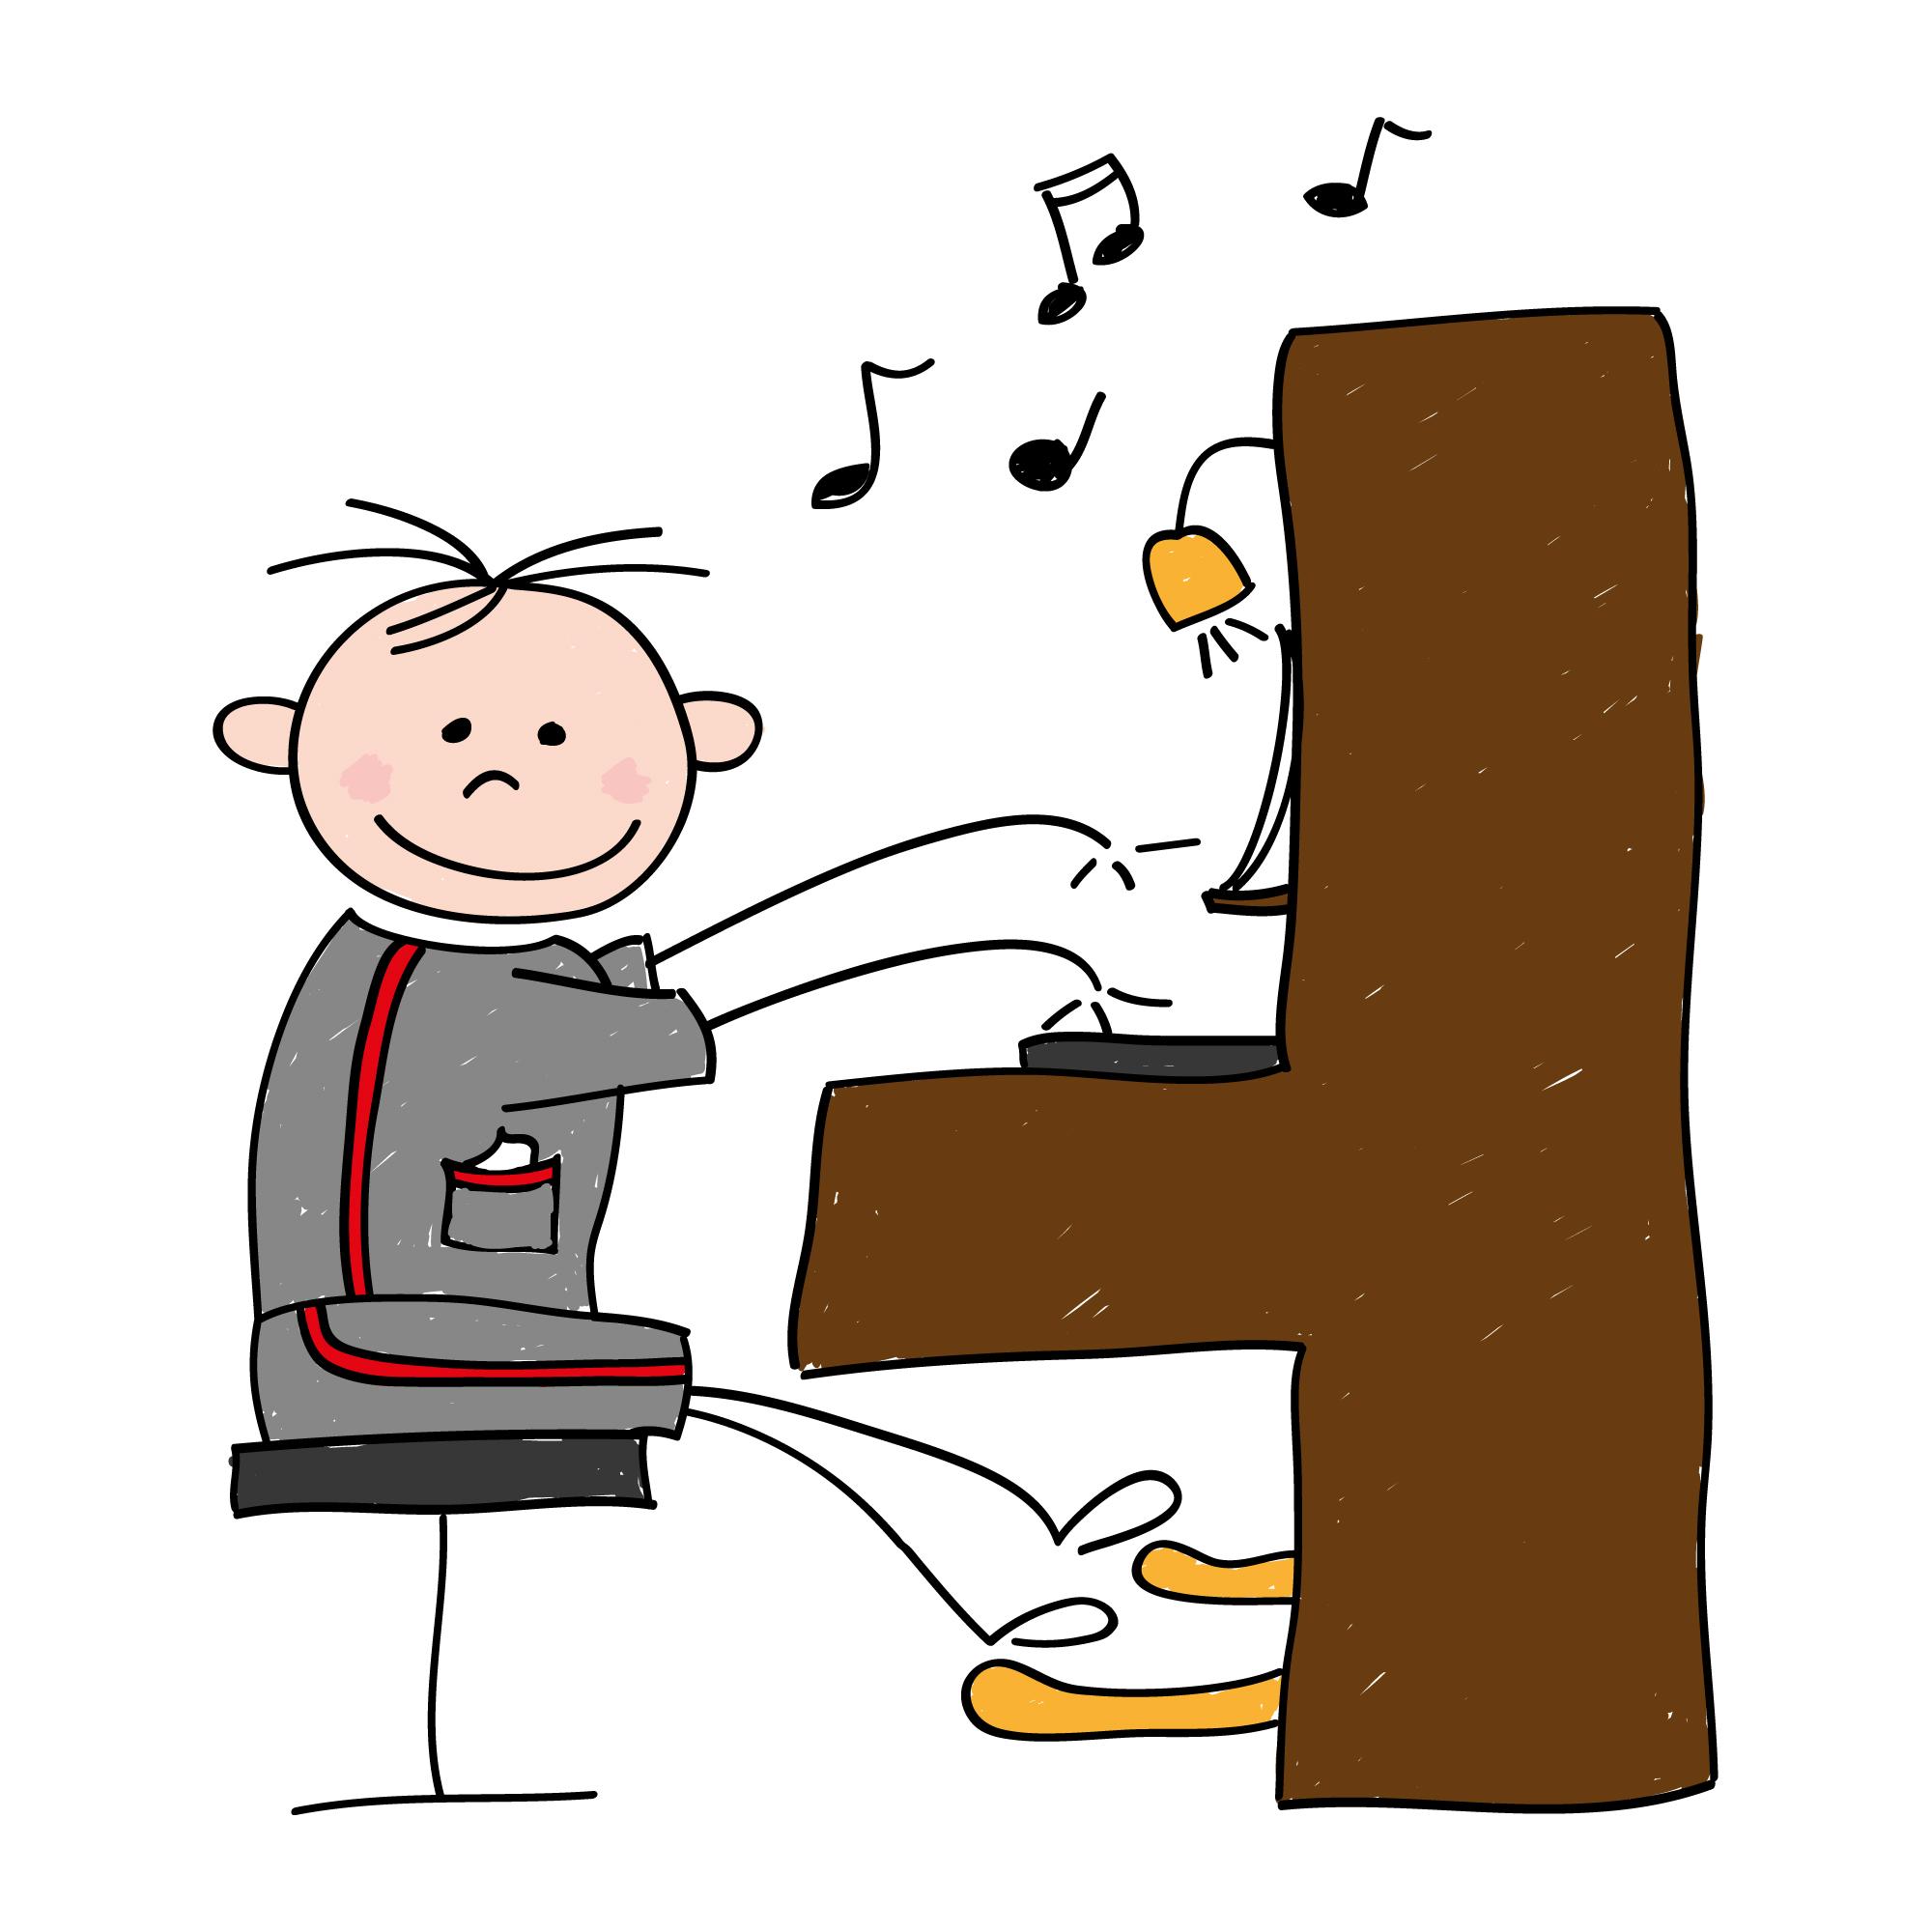 Piano clipart cartoon On Cartoon Art Cartoon Free